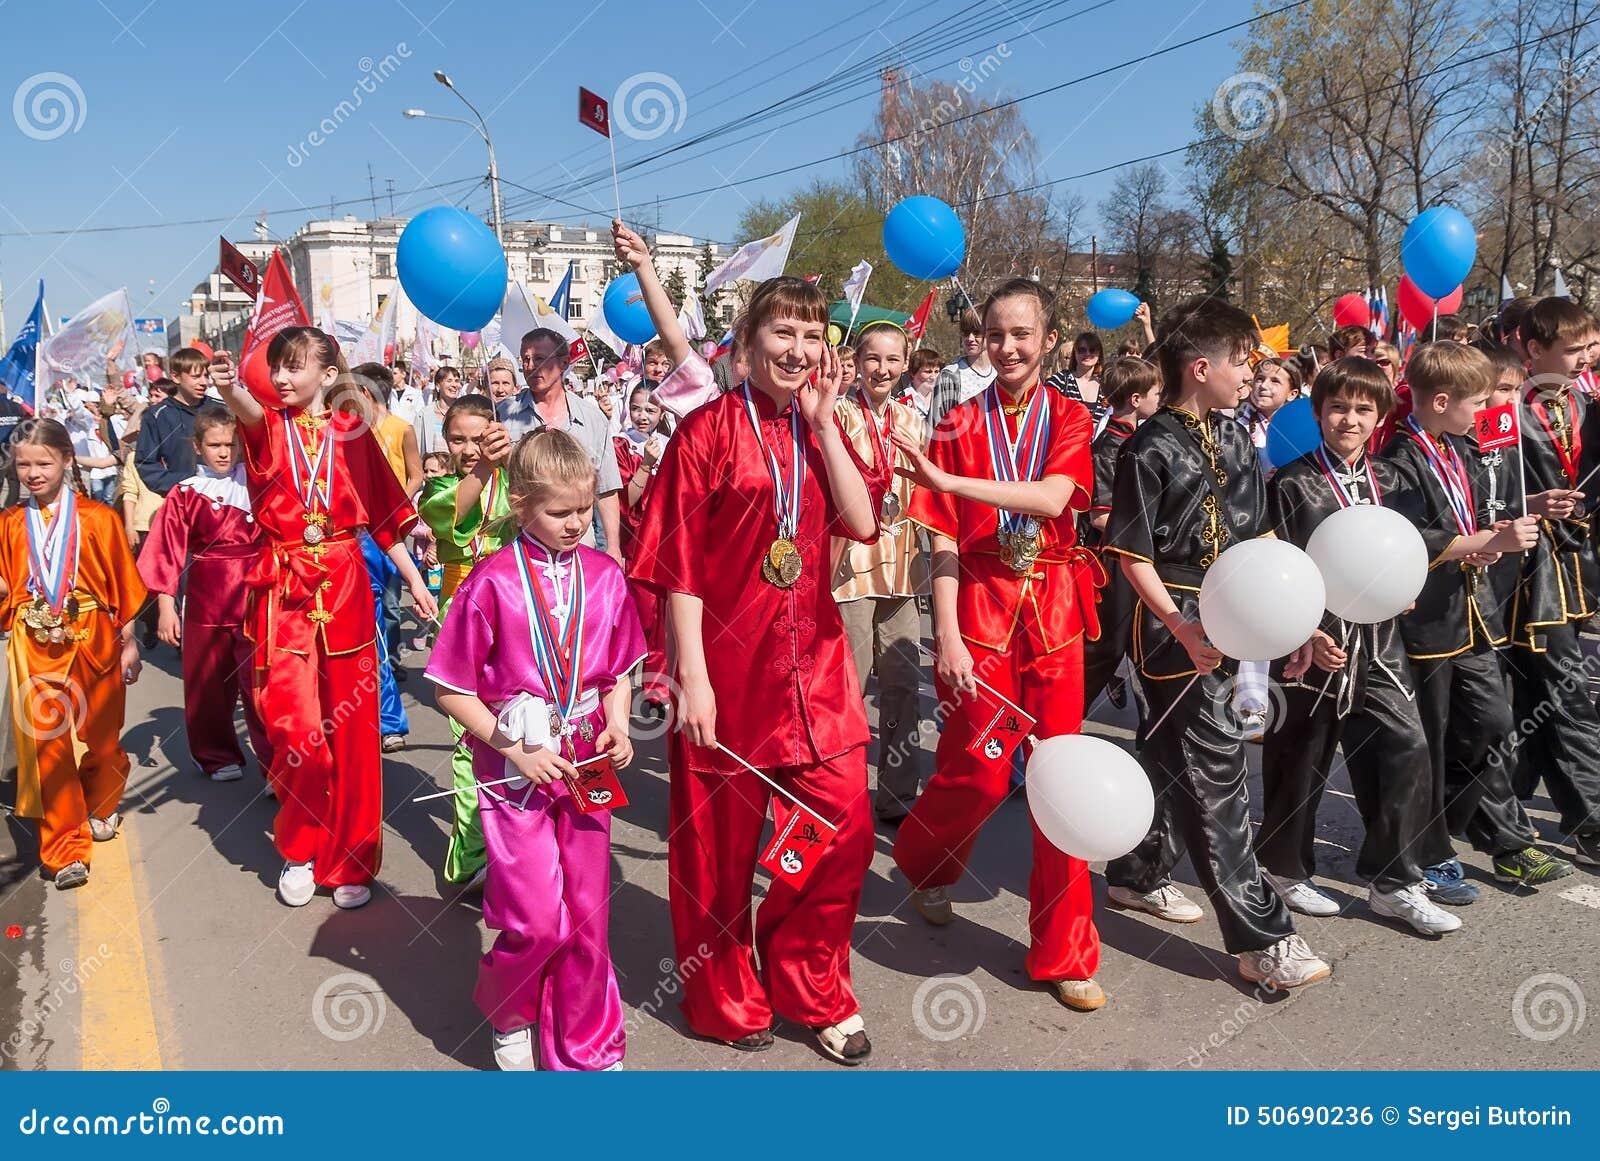 Download WUSHU中国体操的冠军 编辑类照片. 图片 包括有 快乐, 节日, 有吸引力的, beauvoir, 乐趣 - 50690236